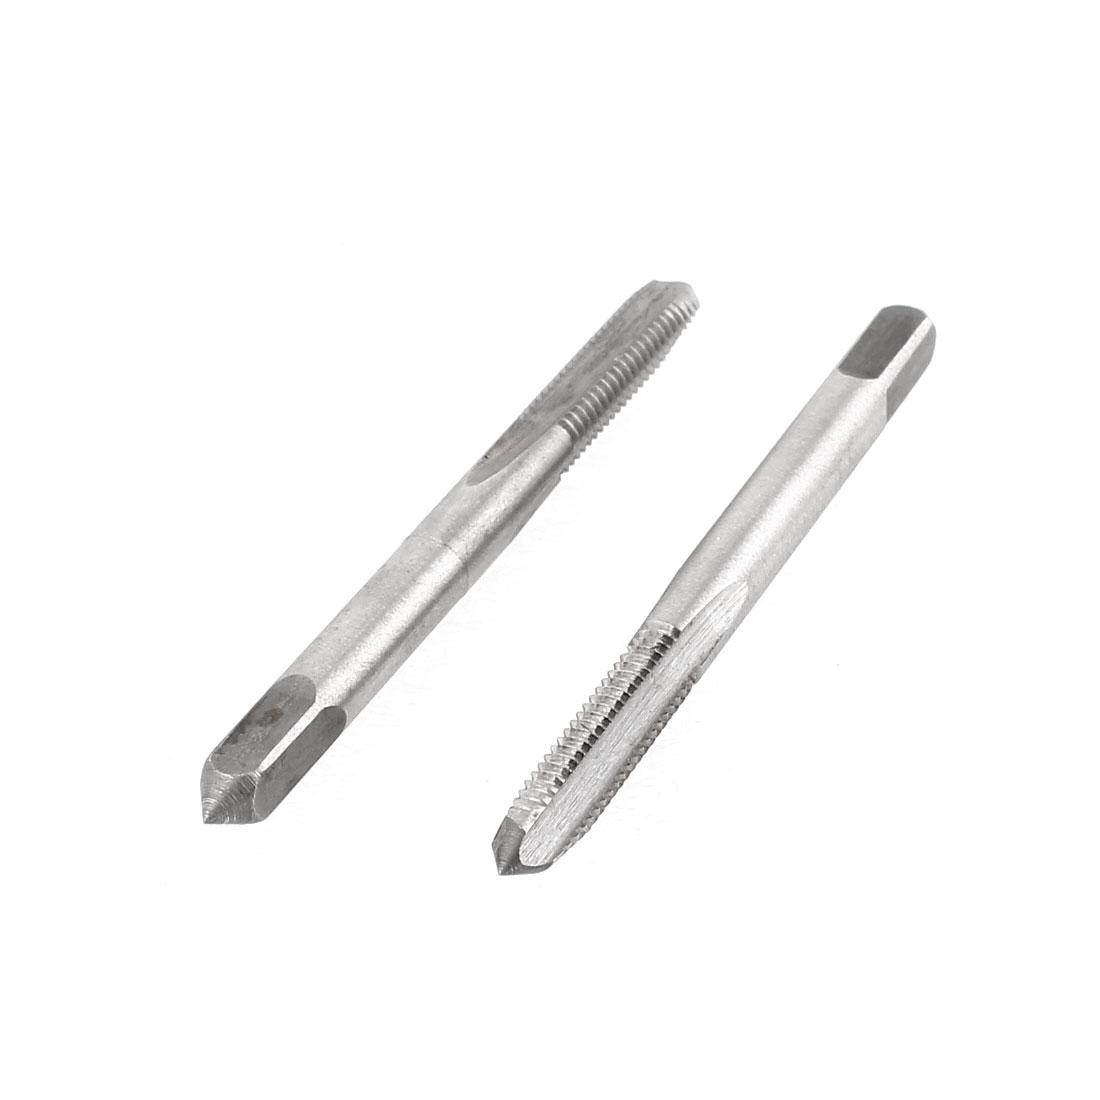 2 Pcs M5x20mm HSS 3 Flutes Straight Machine Screw Thread Metric Plug Taps